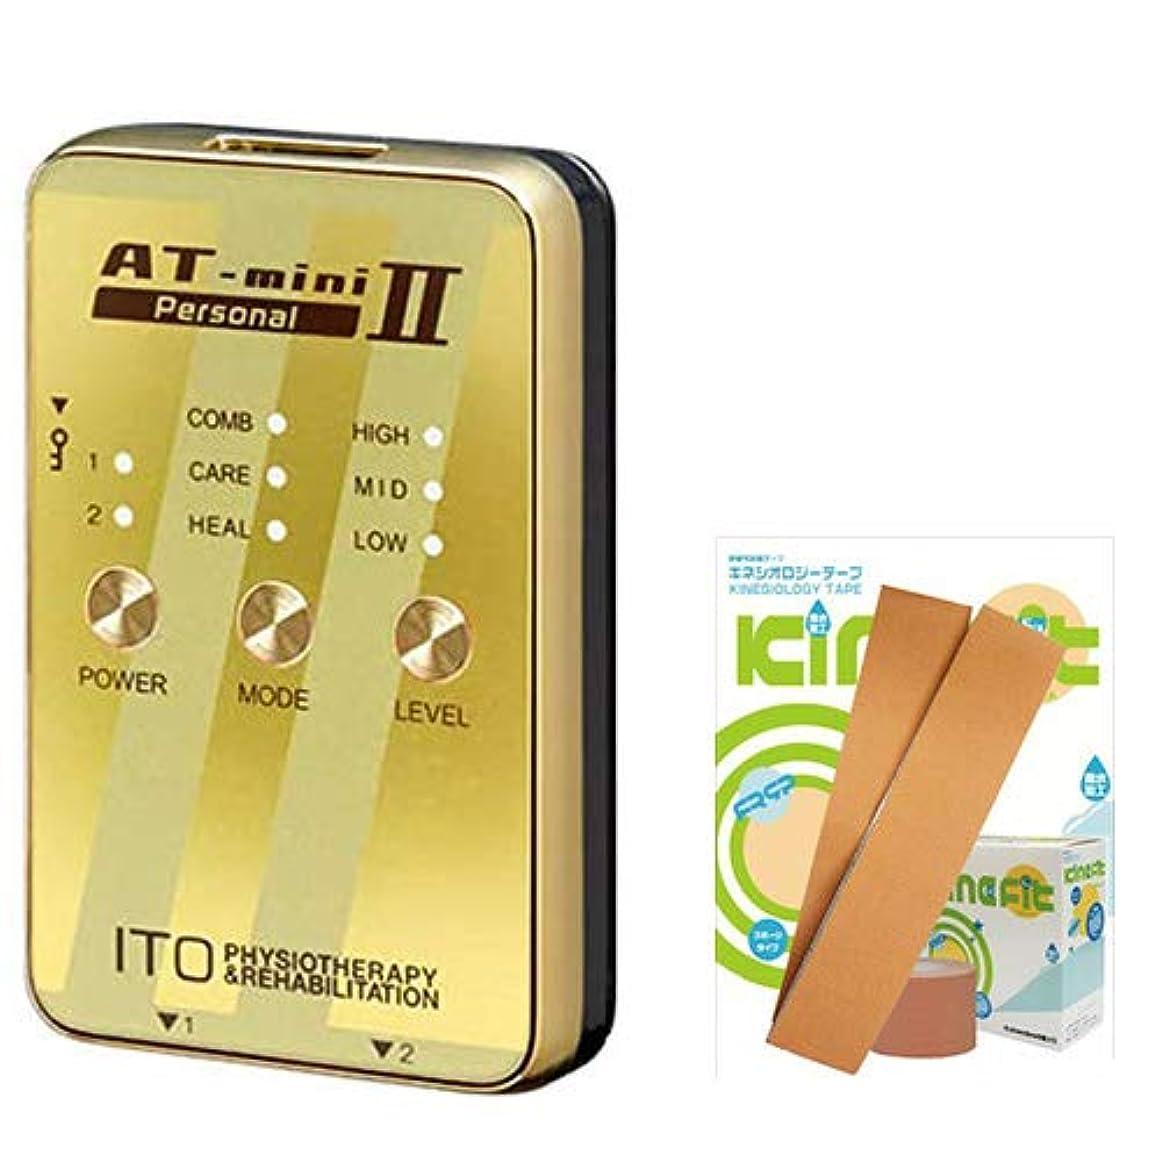 地震葉を集めるの間に低周波治療器 AT-mini personal II ゴールド (ATミニパーソナル2) +キネフィットテープ50cmセット